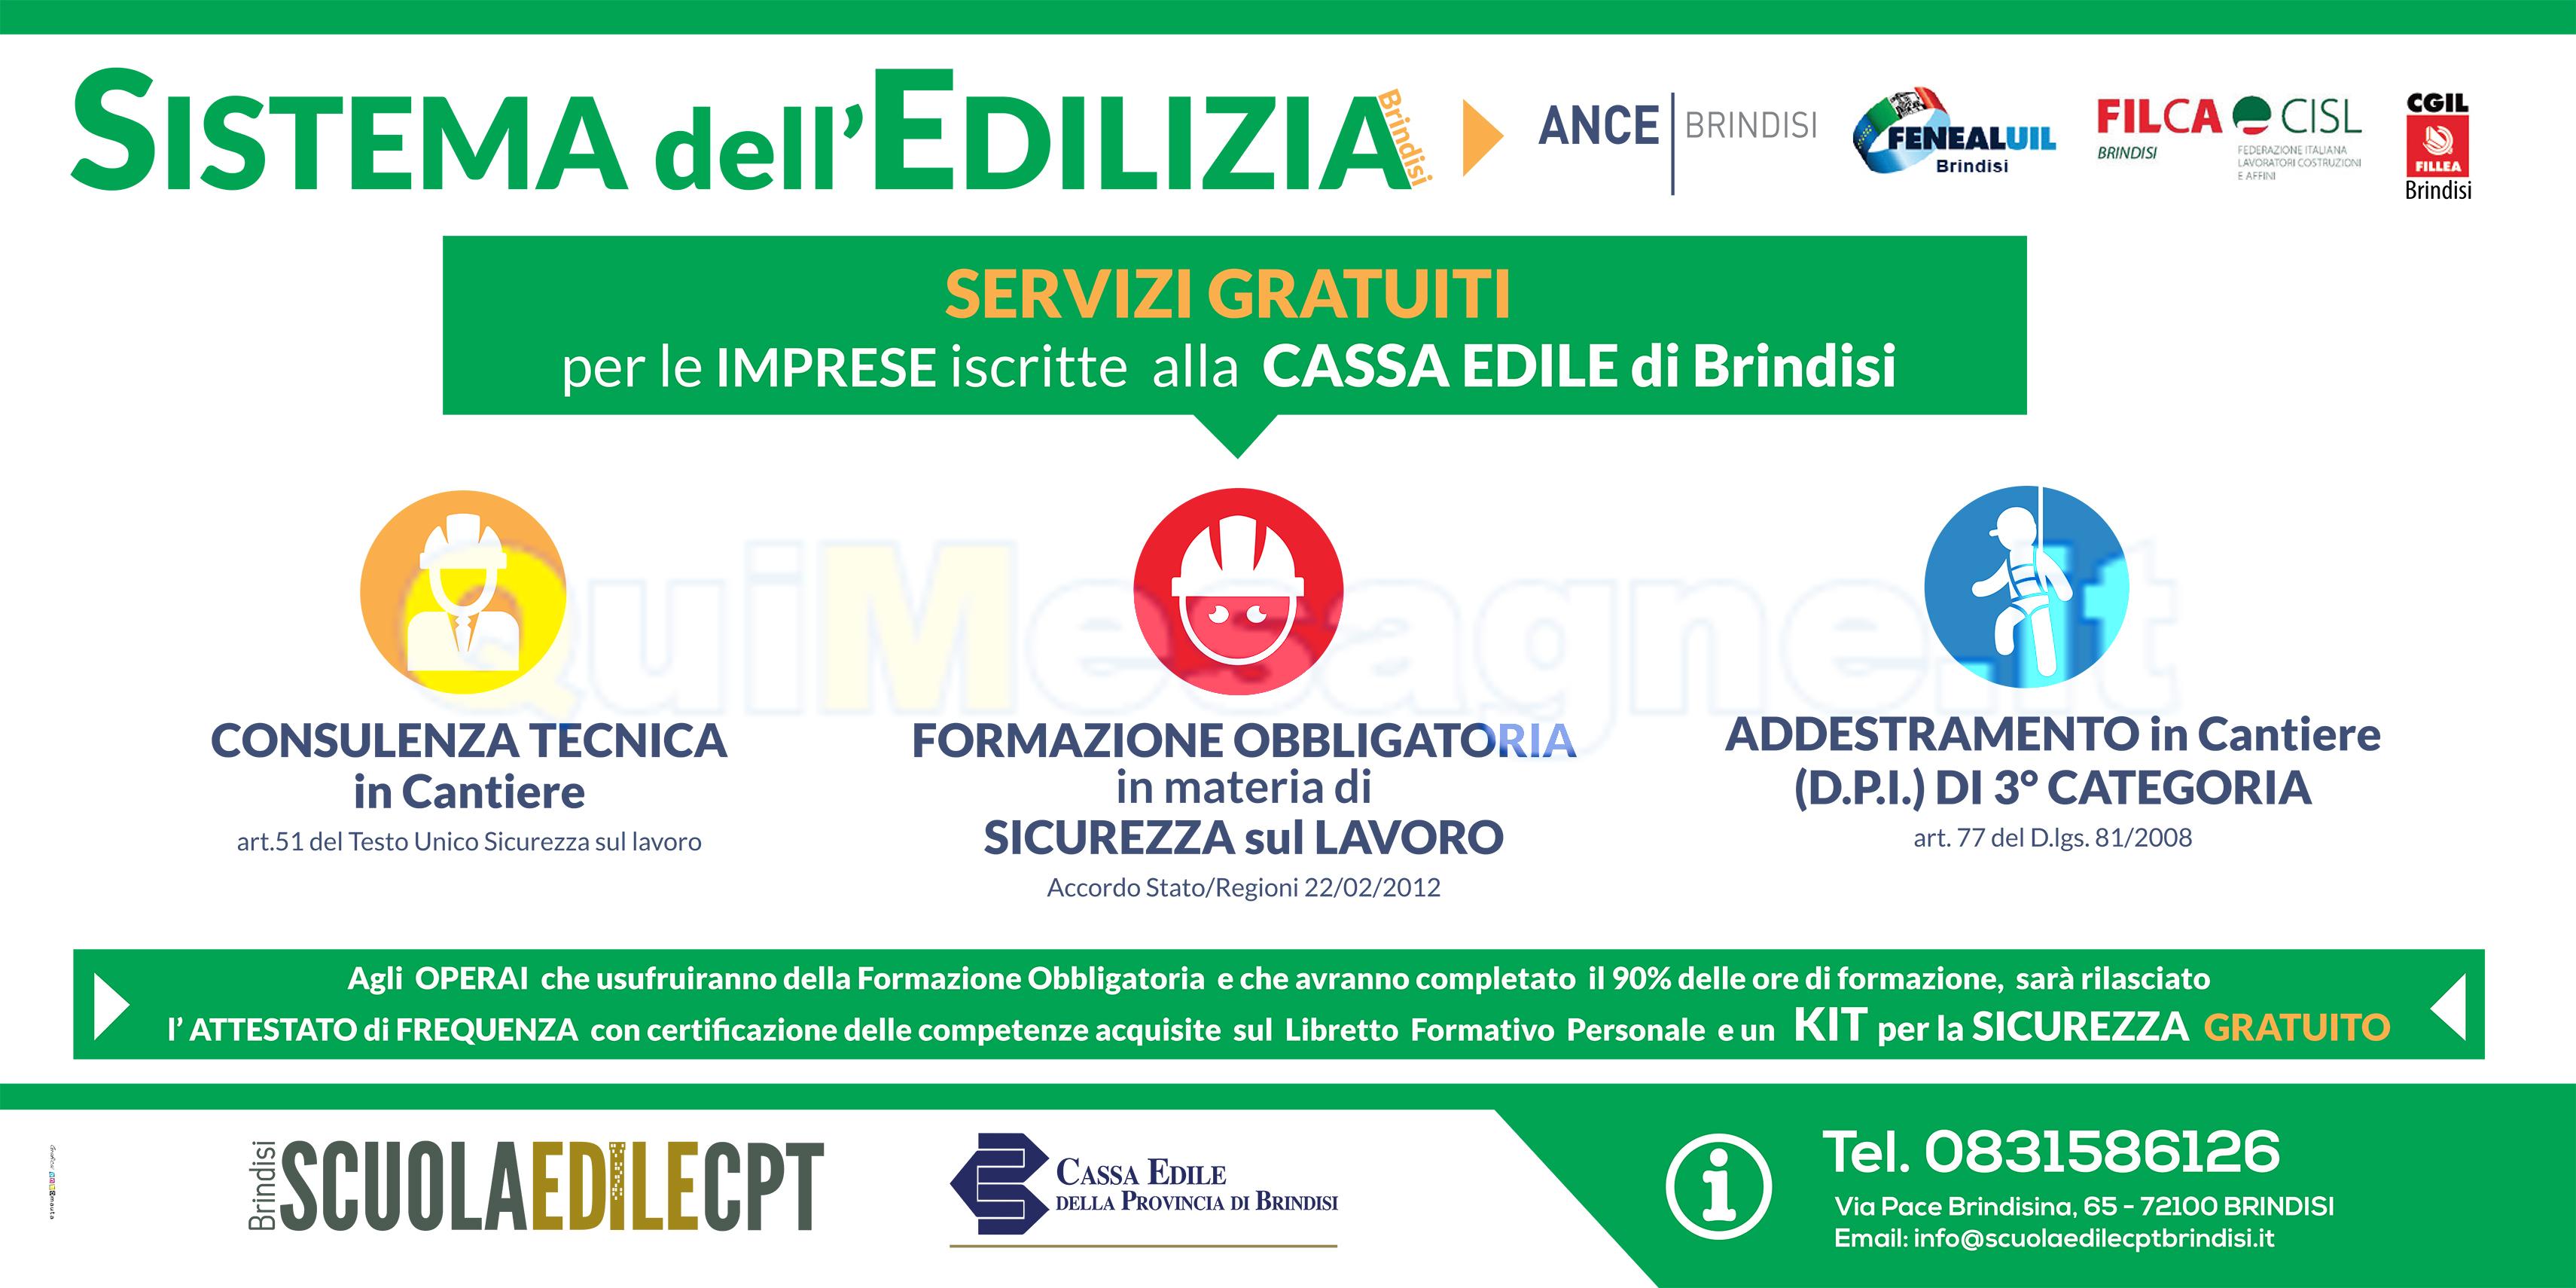 Ecco i servizi della Cassa Edile di Brindisi per le imprese in regola